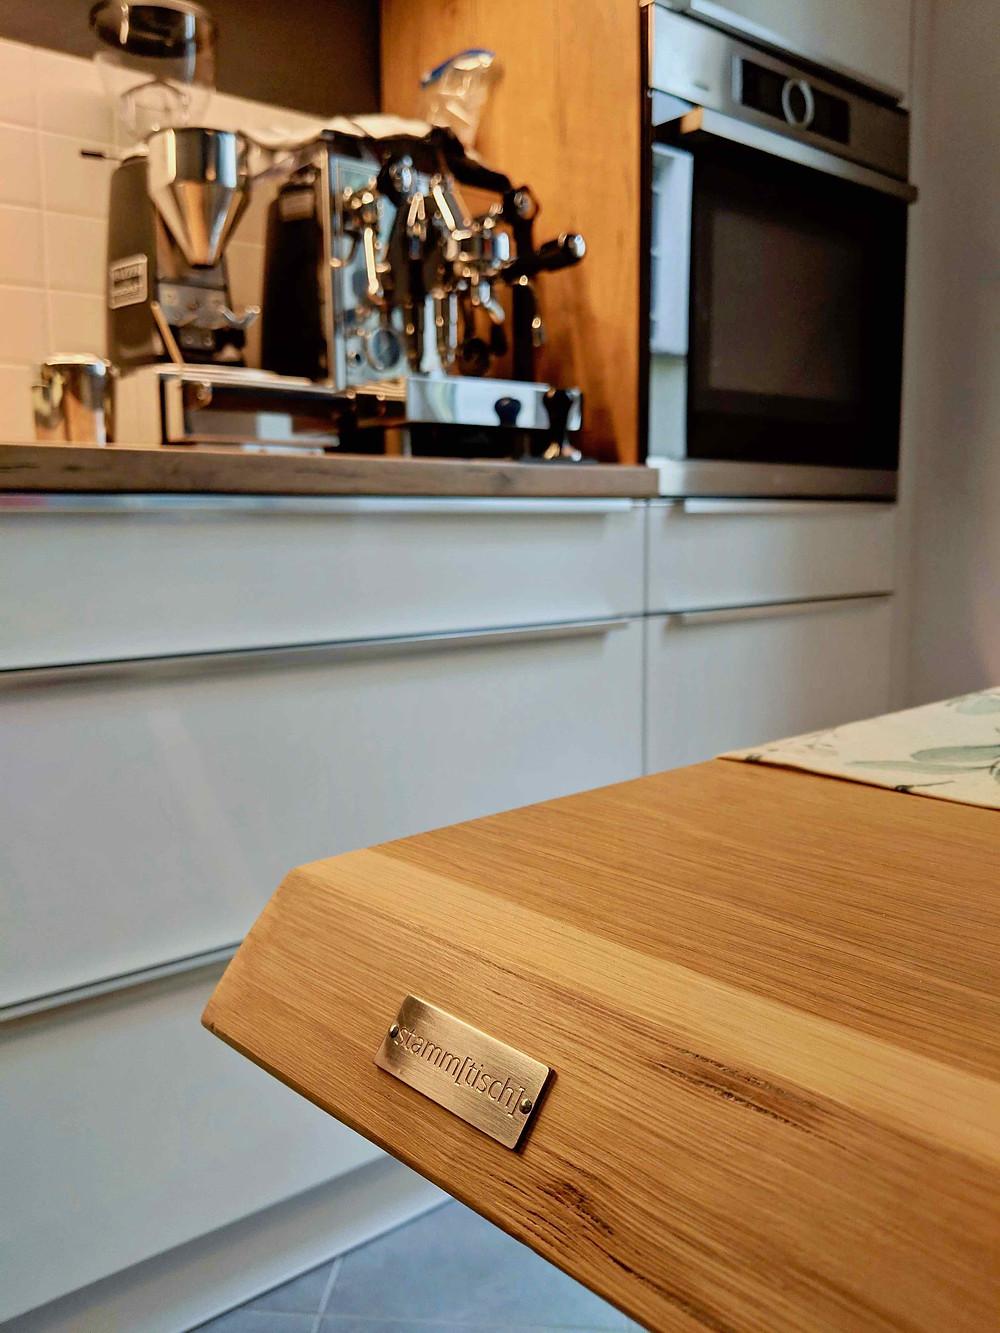 Holztisch nach Maß, Beratung zu jedem Detail